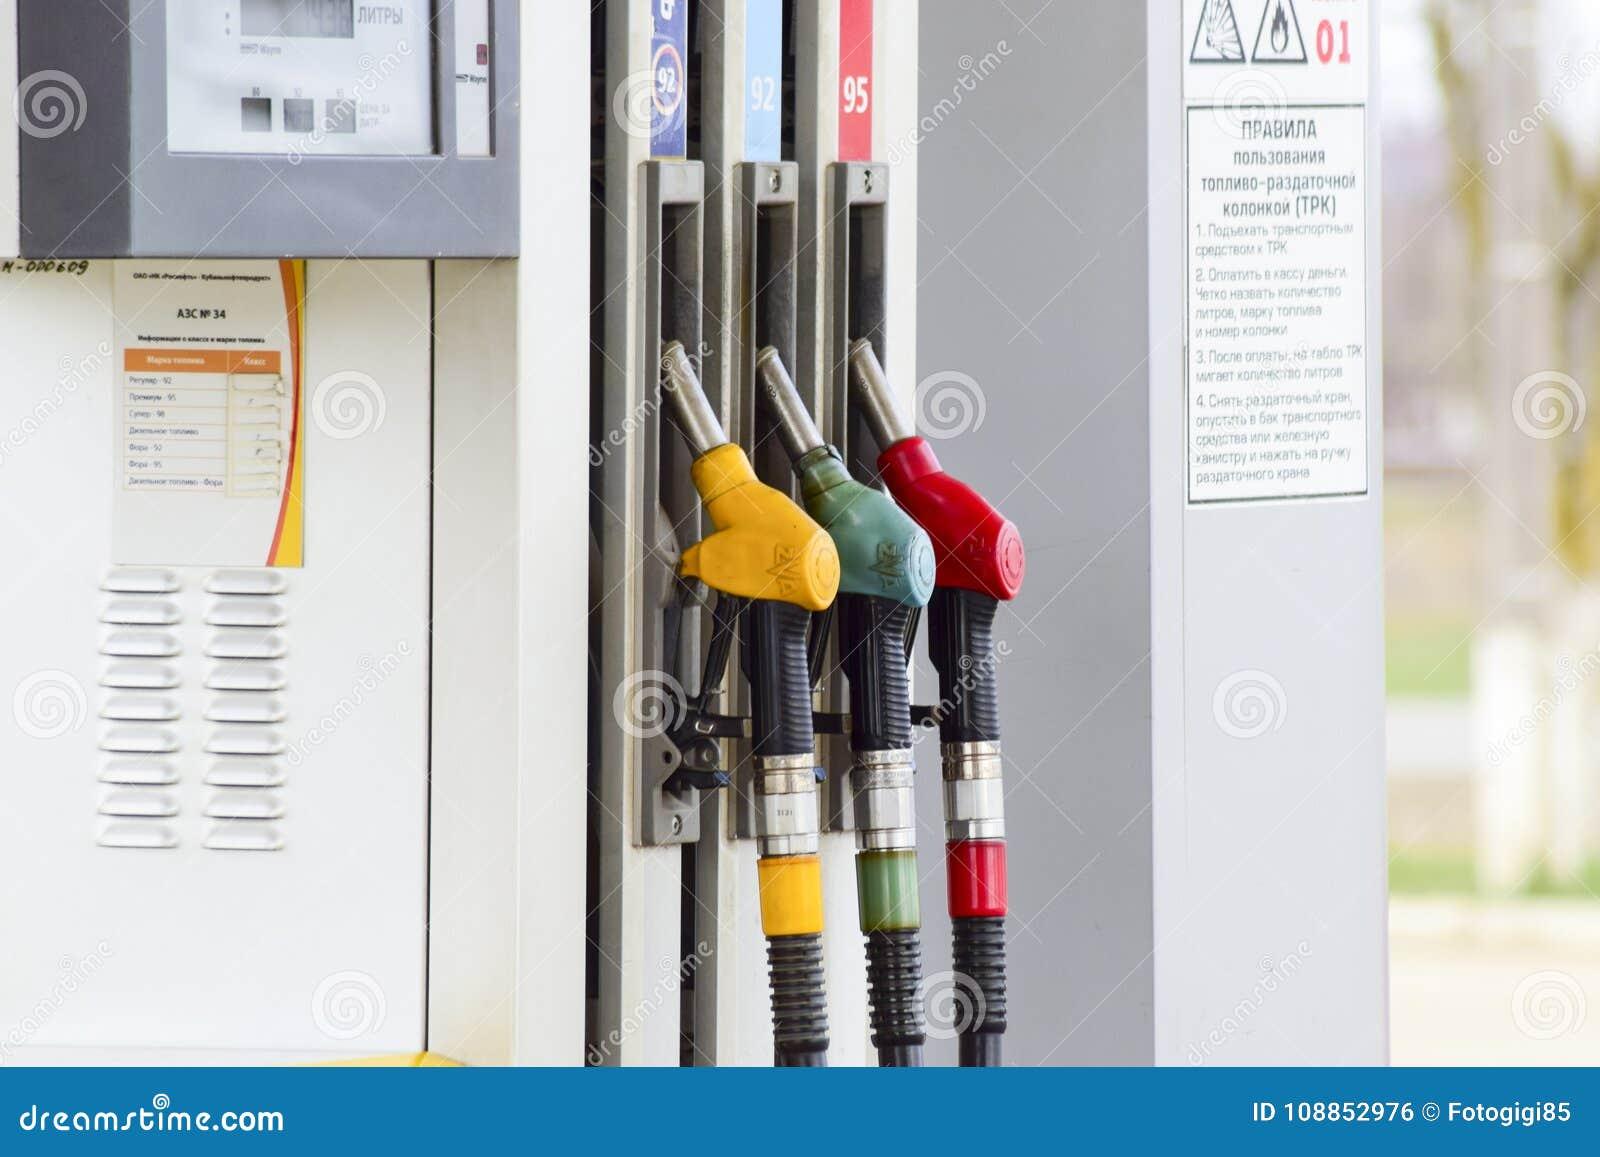 Pistolets de la station service Différents types de carburant à la station service